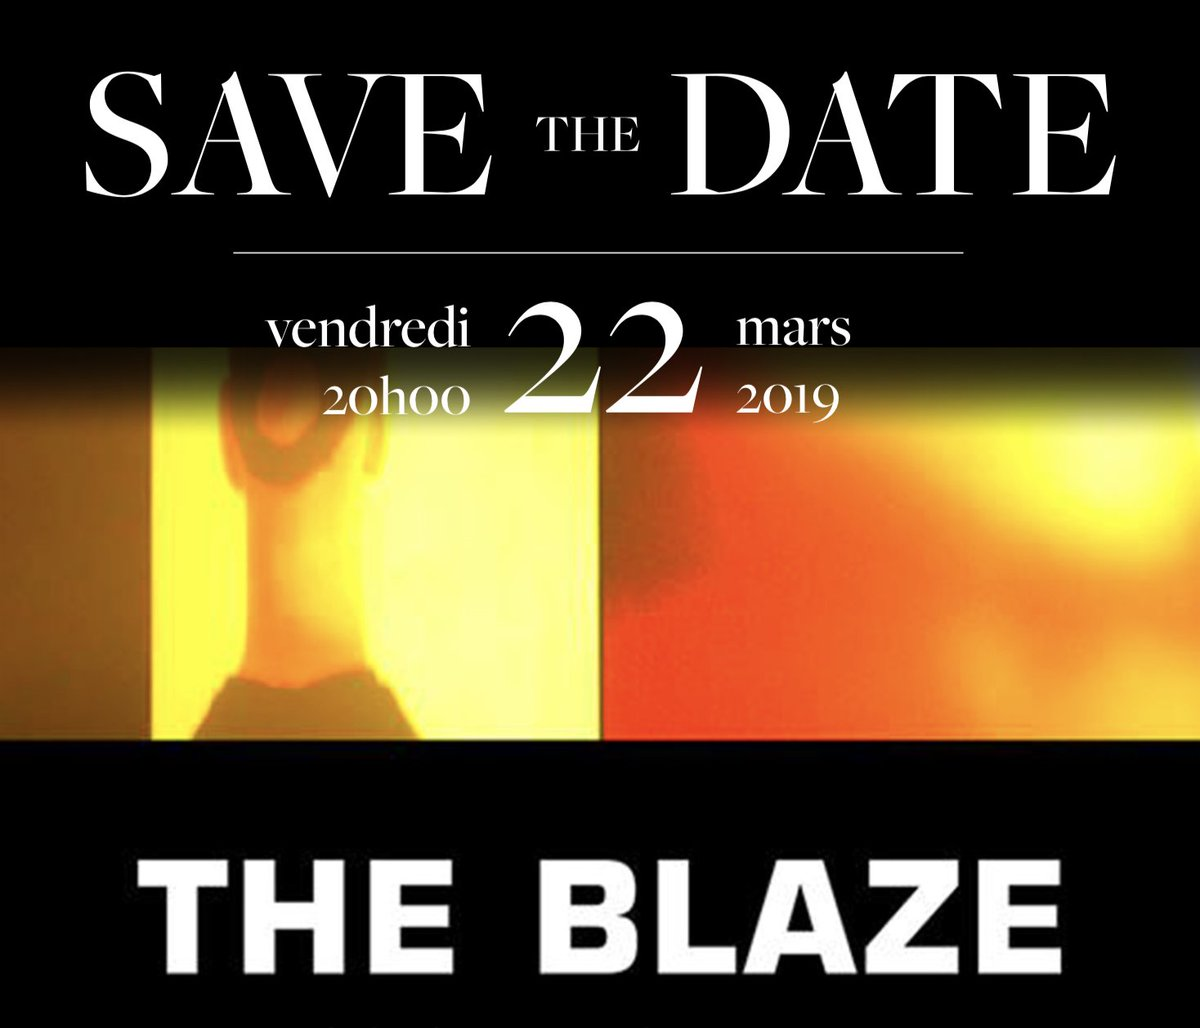 [ OUVERTURE DES VENTES ] @TheBlaze_Prod - @sallepleyel  NOUVELLE DATE >> Vendredi 22 mars 2019. Ne trainez pas !  Billetterie ici >> https://t.co/TGOpz2iMkJ https://t.co/7iPolGmcFt